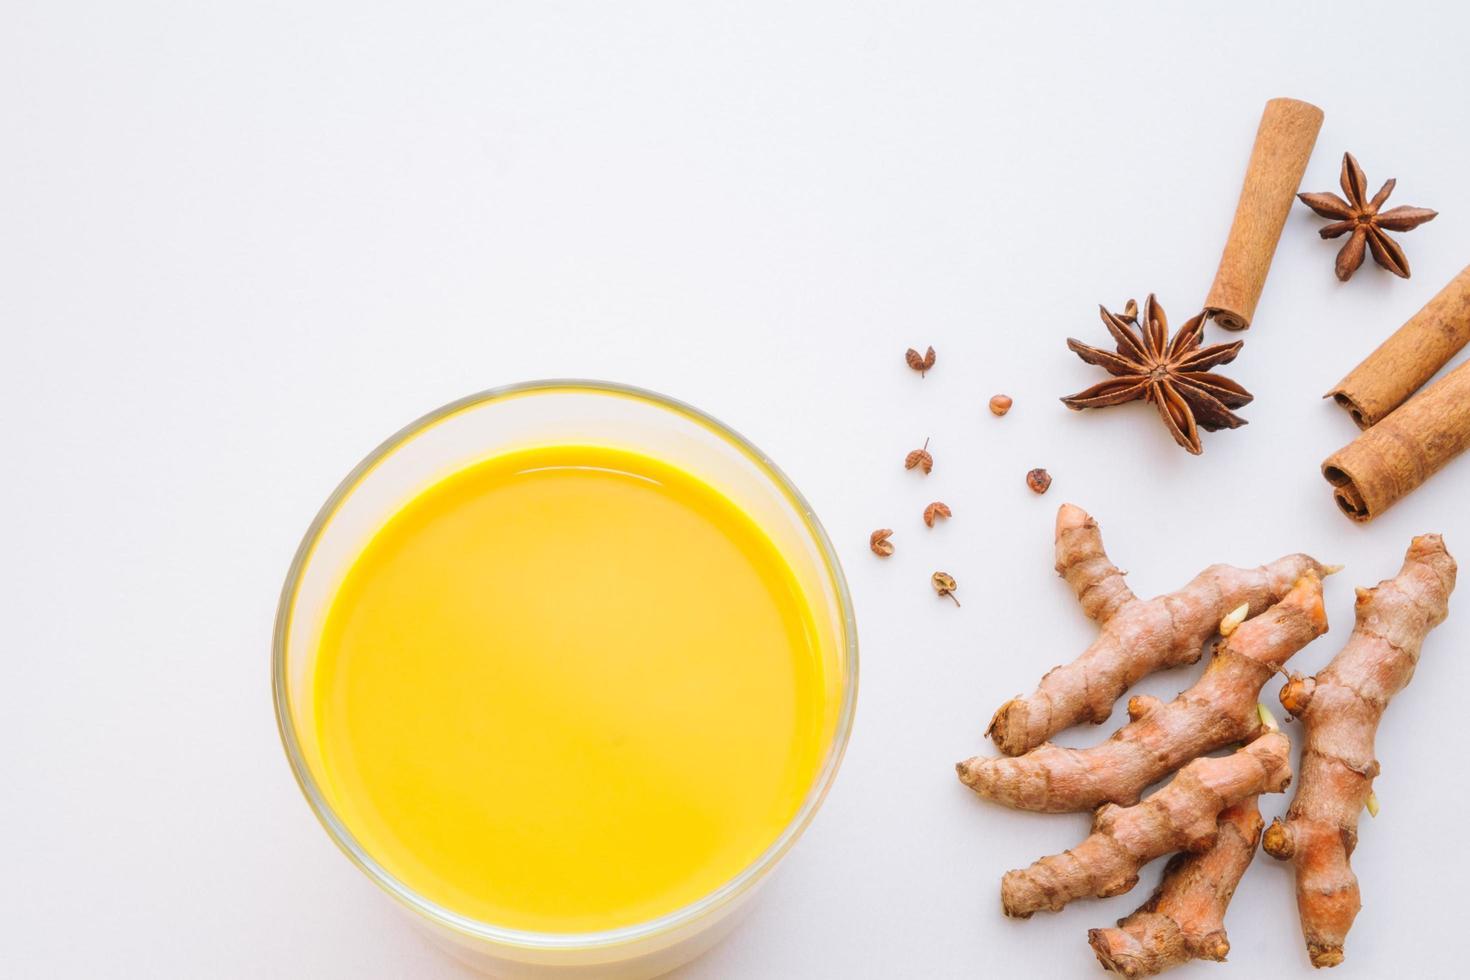 gouden melkkurkuma latte met kruiden op witte achtergrond foto